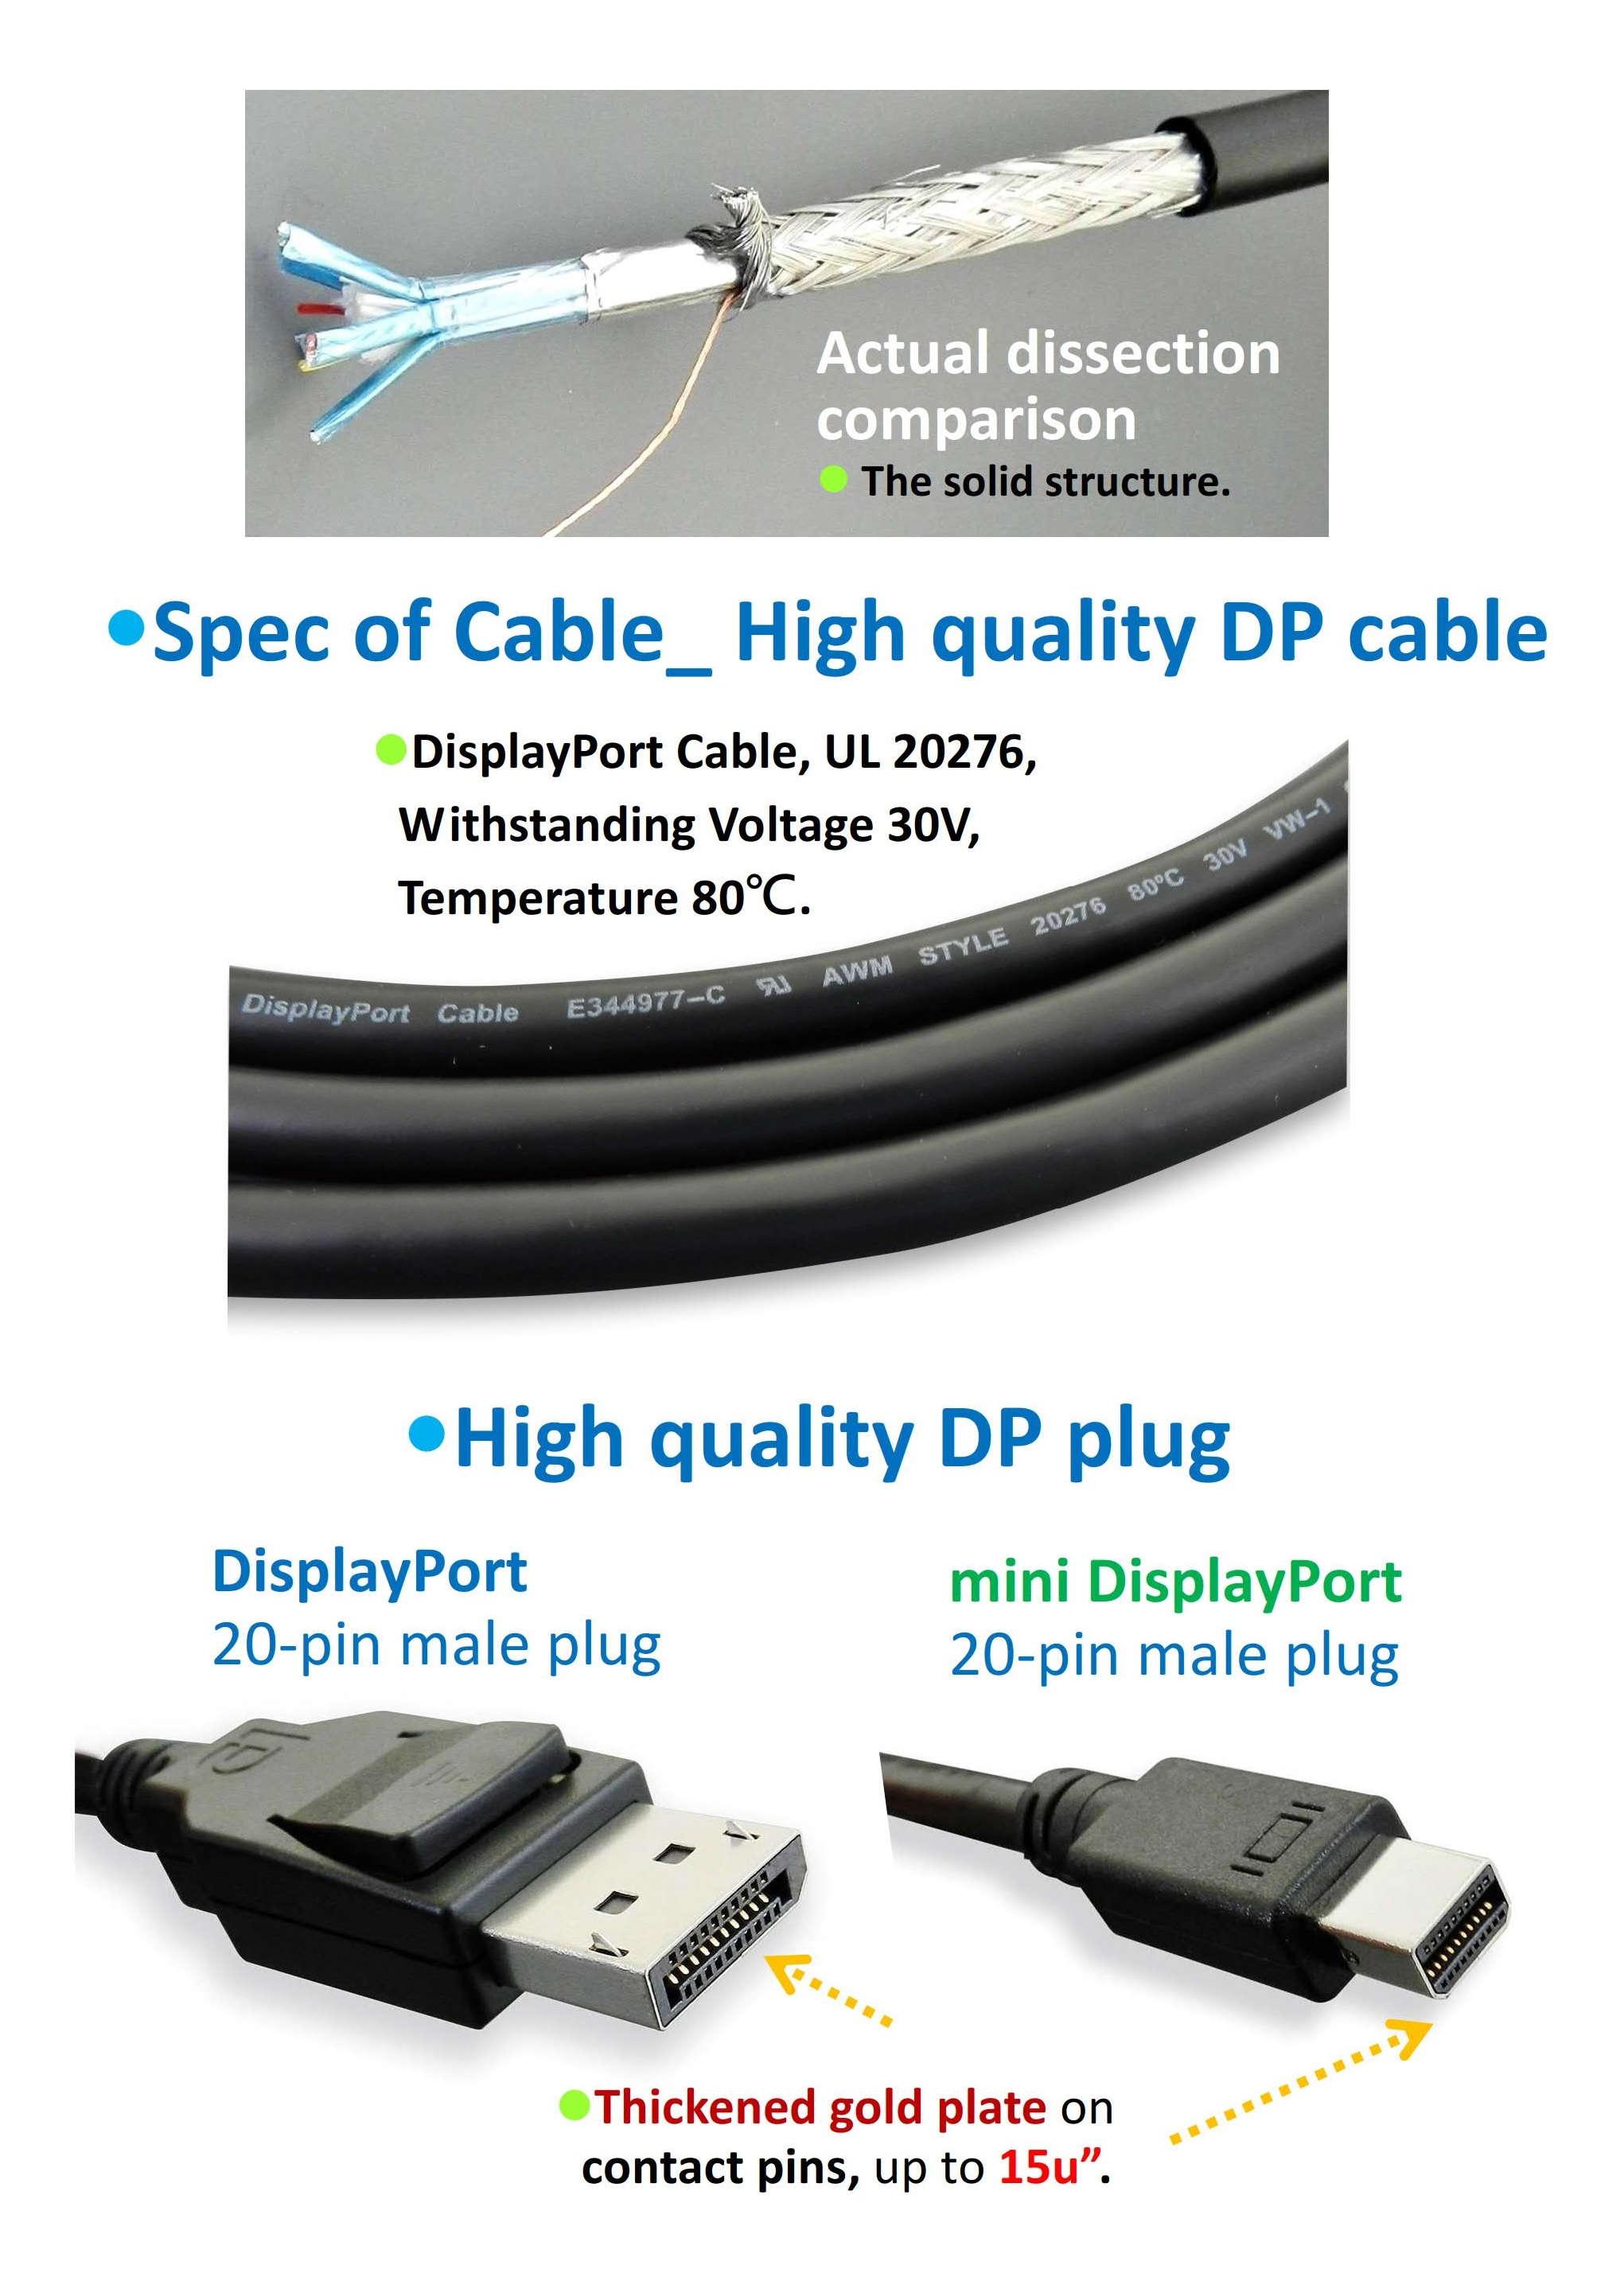 4K Monitör aldınız, peki Displayport Kablonuz VESA sertifikalı mı?